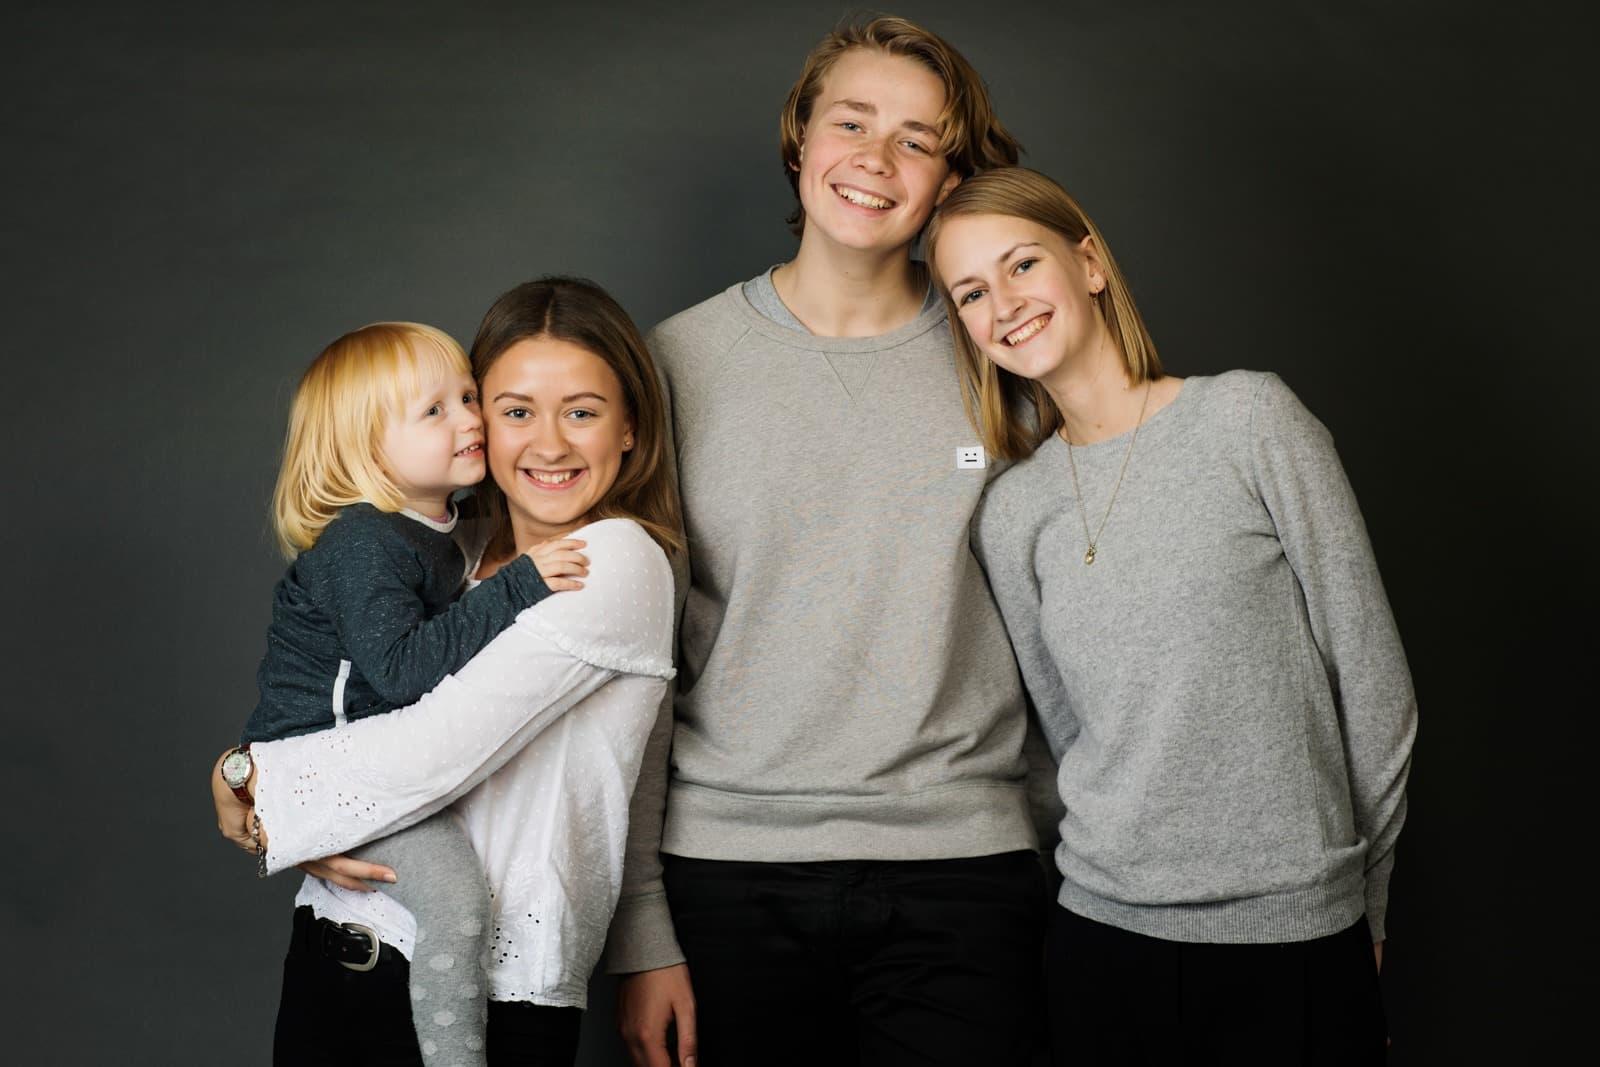 Billede af børnene – store og små